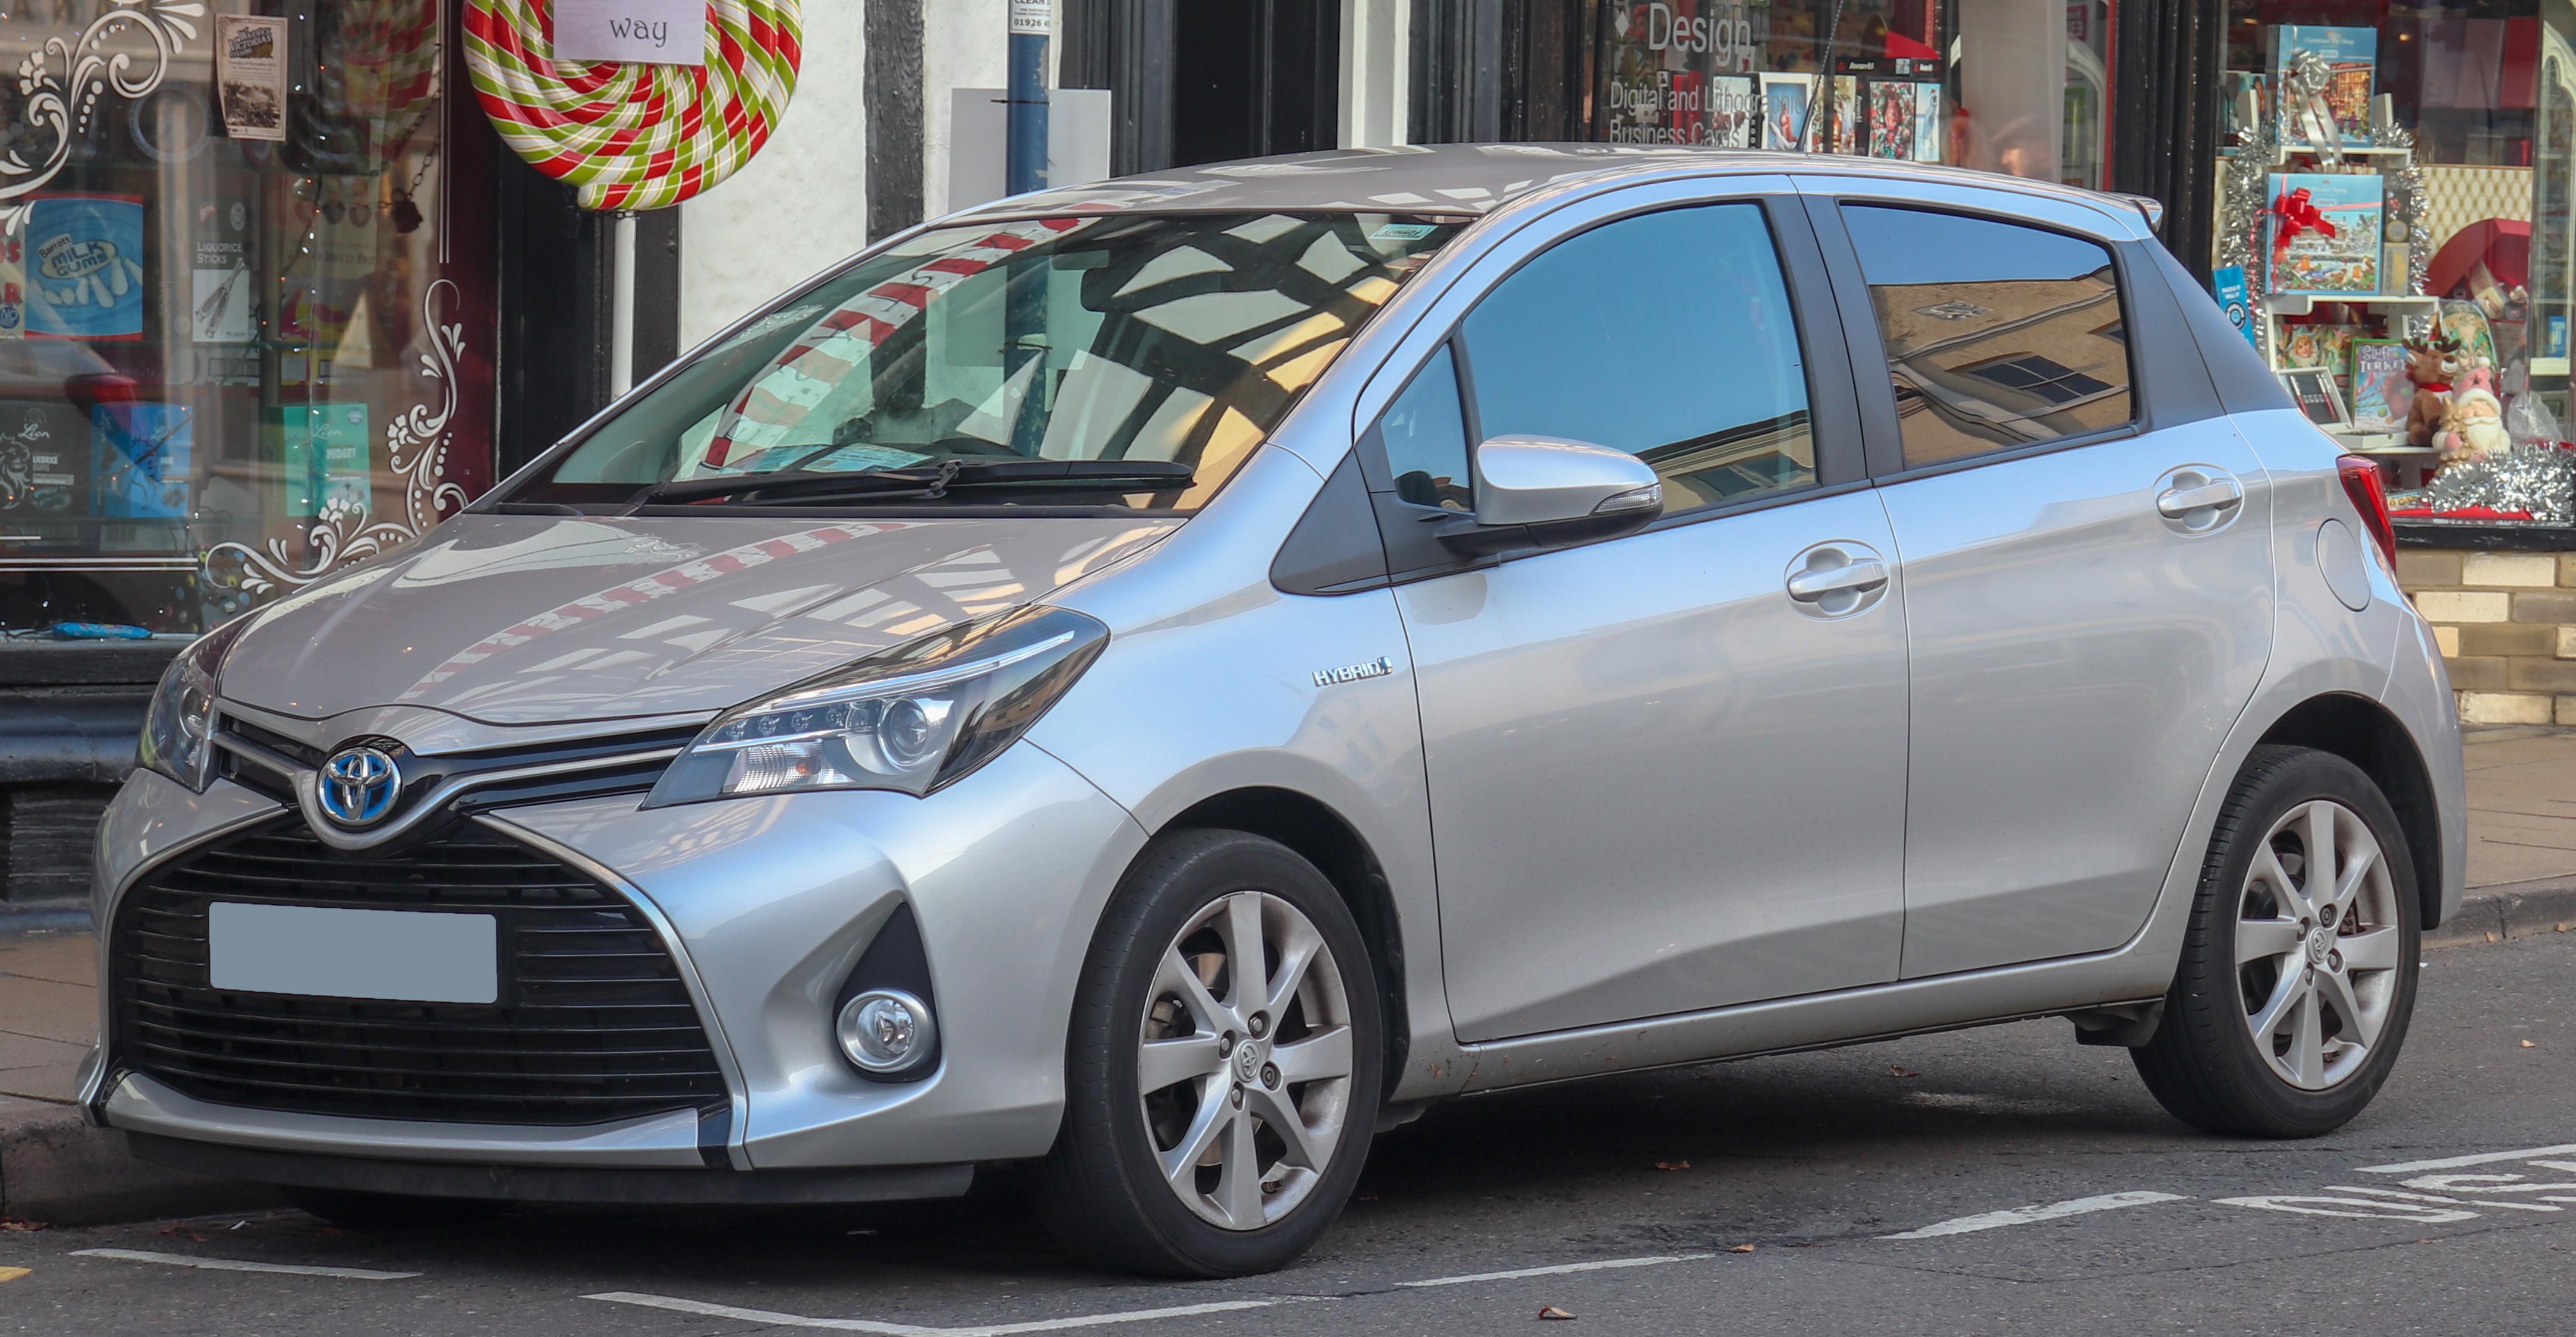 Kelebihan Toyota Yaris 2015 Top Model Tahun Ini